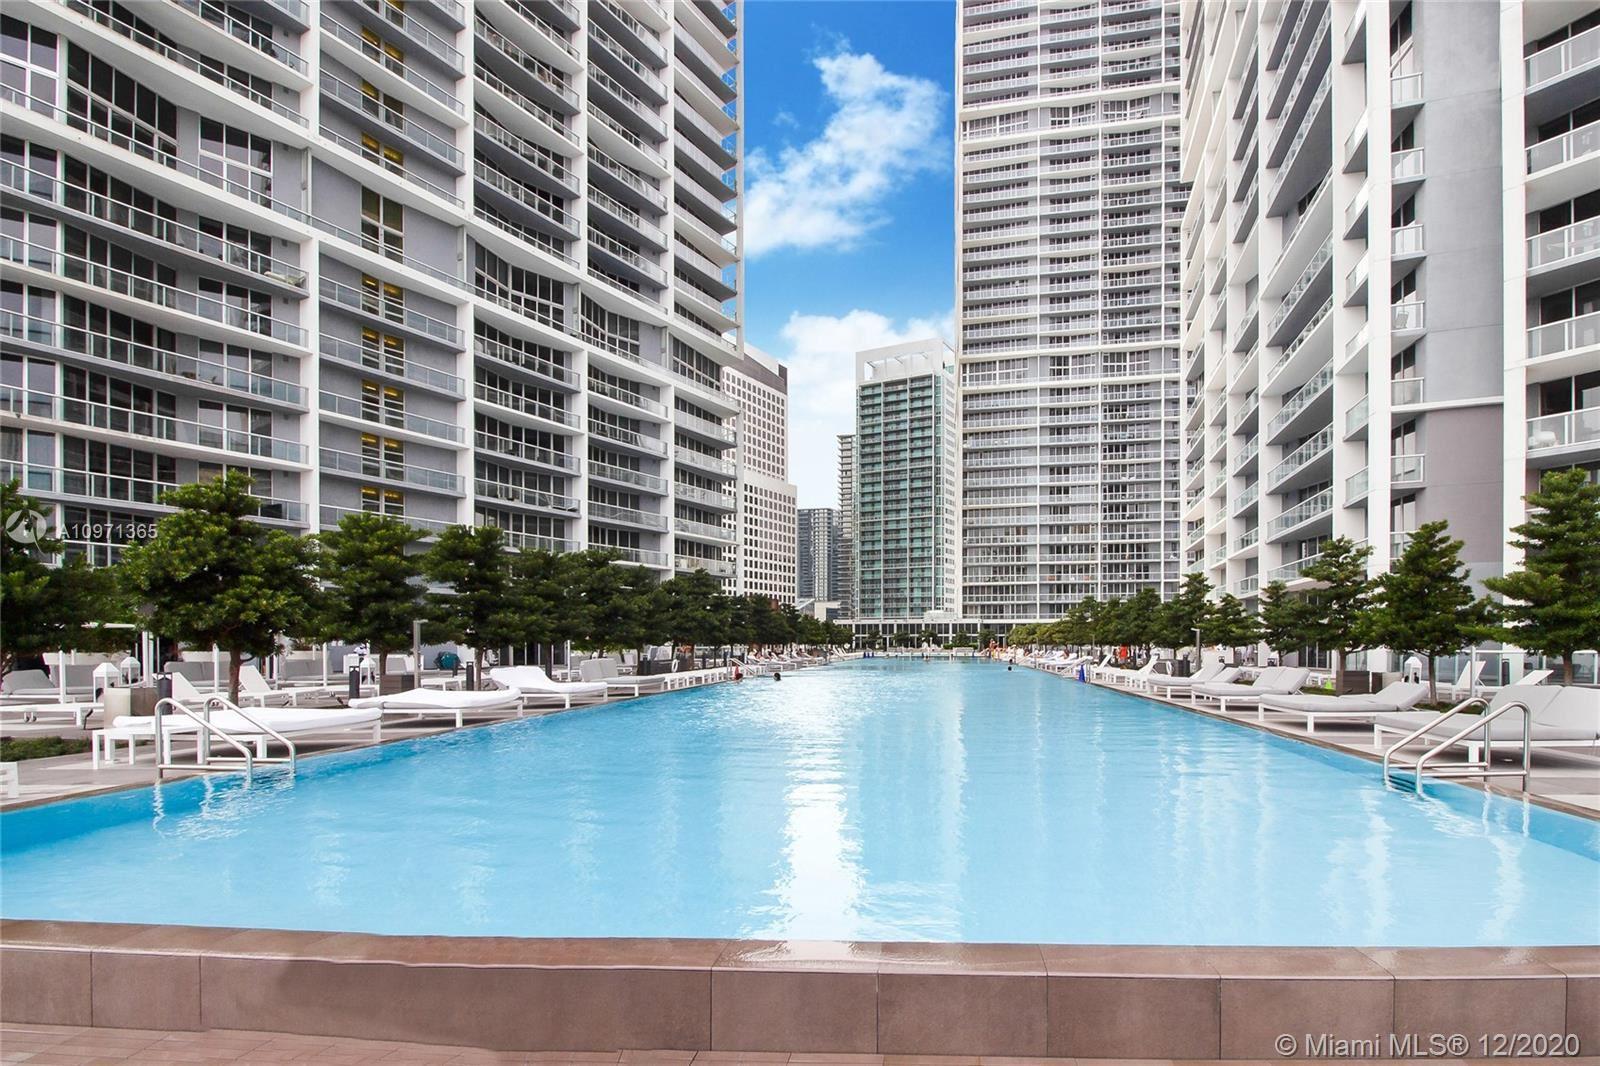 475 Brickell Ave #614, Miami, FL 33131 - #: A10971365